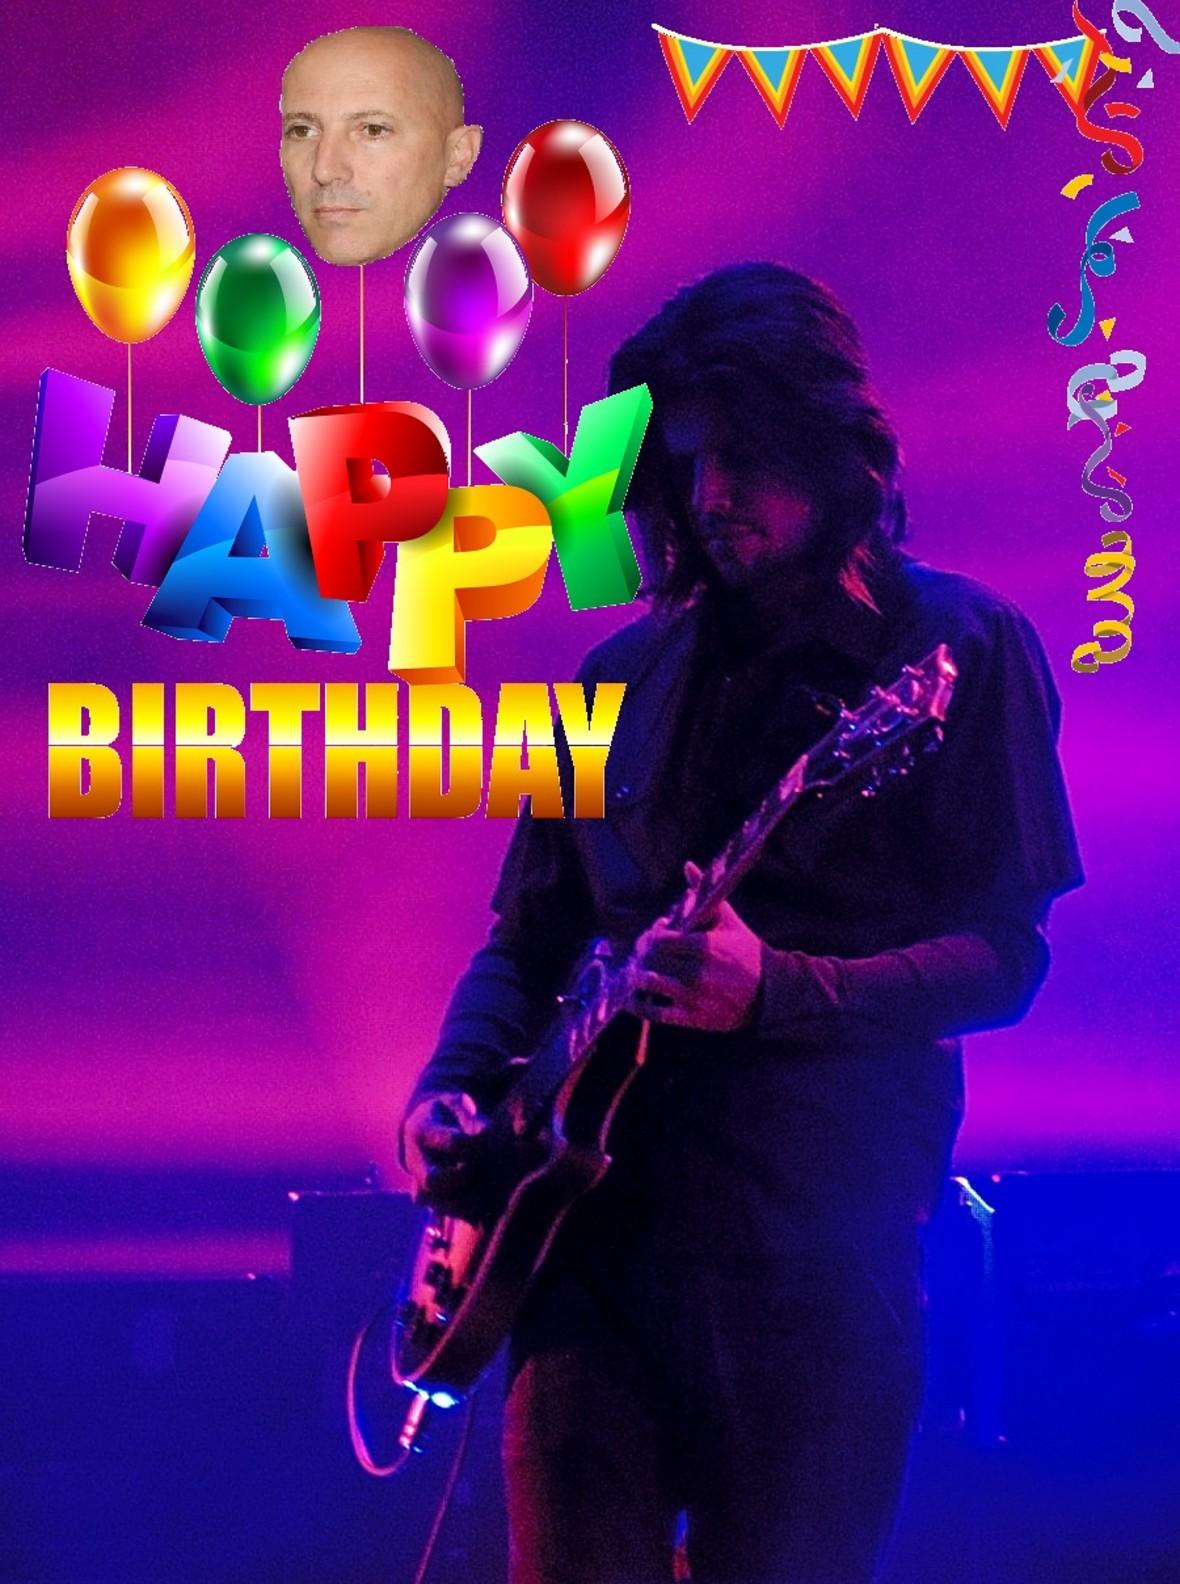 Jak w zespole Tool świętuje się urodziny muzyka?